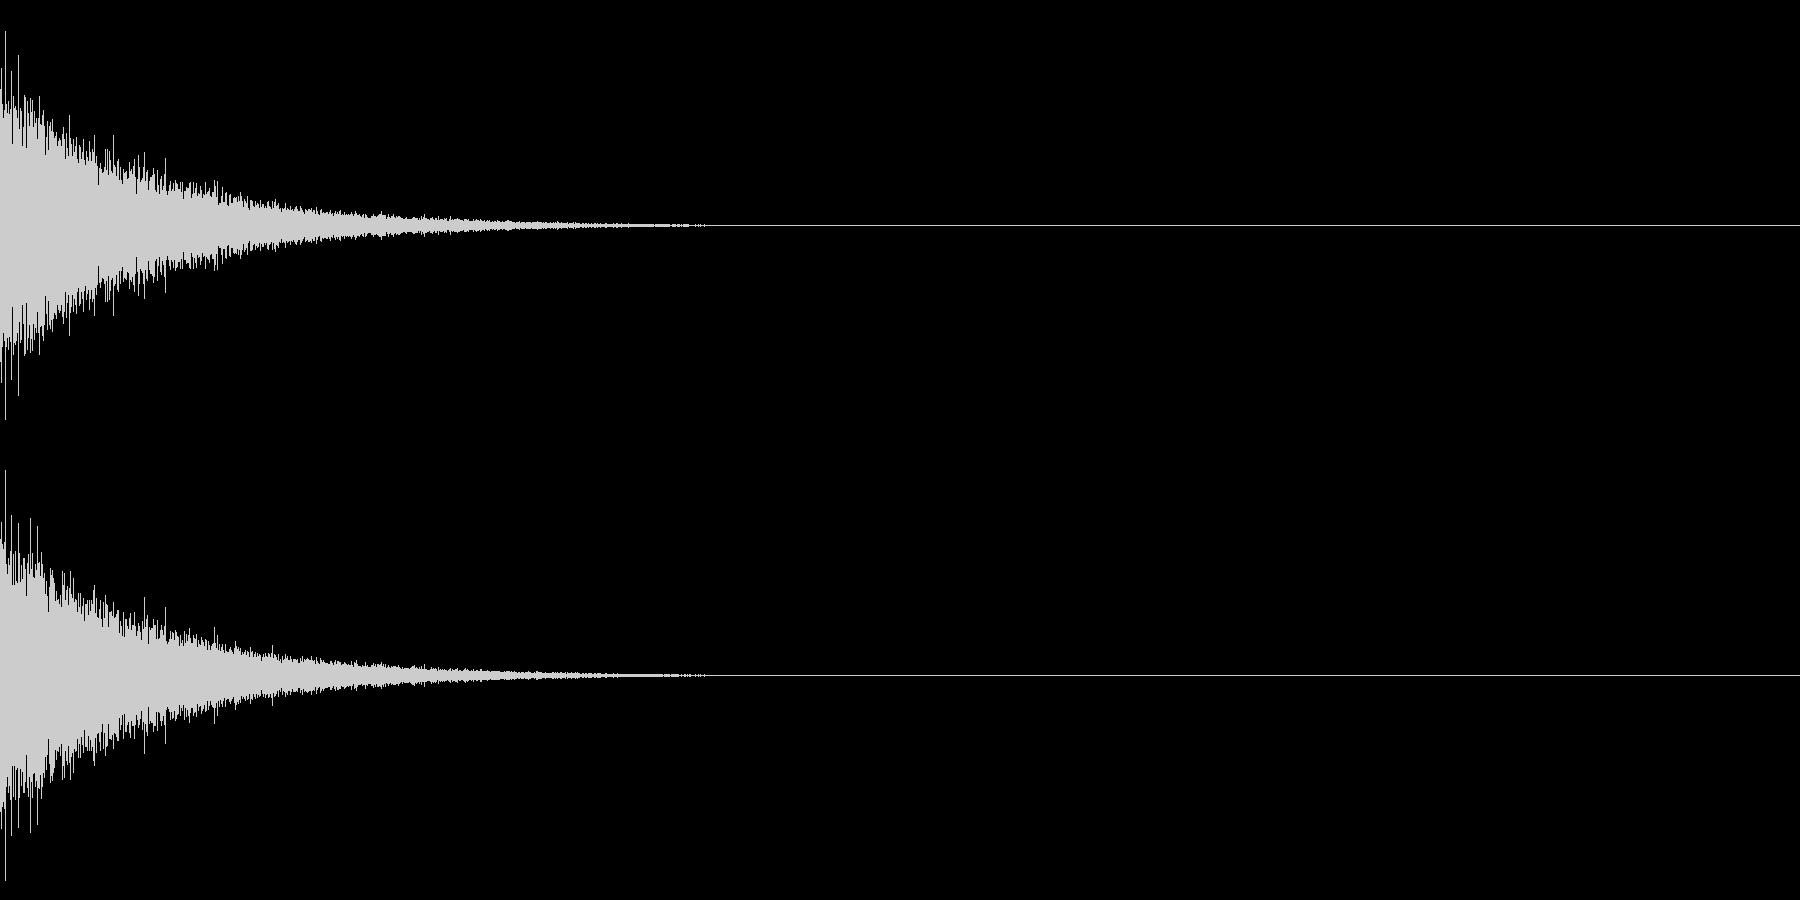 バーン+シューン(消滅/消え去る)1の未再生の波形